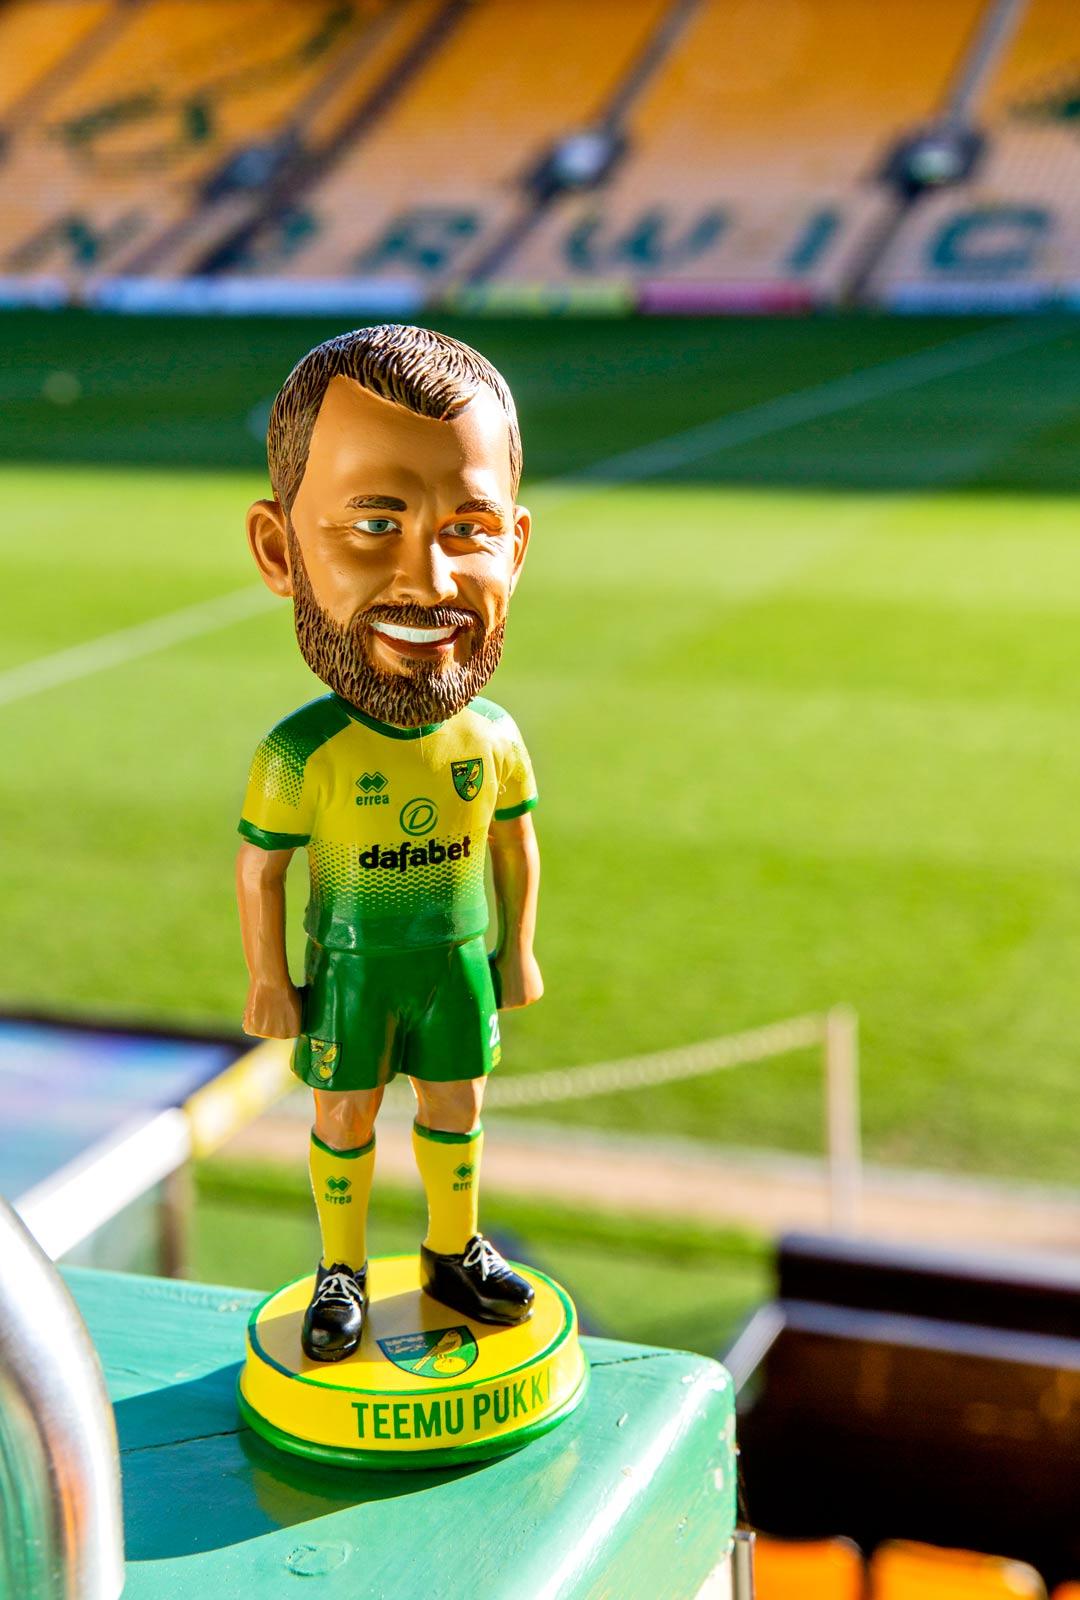 Norwich City suunnittelee uusia Pukki-tuotteita jalkapallon EM-kisojen yhteyteen.